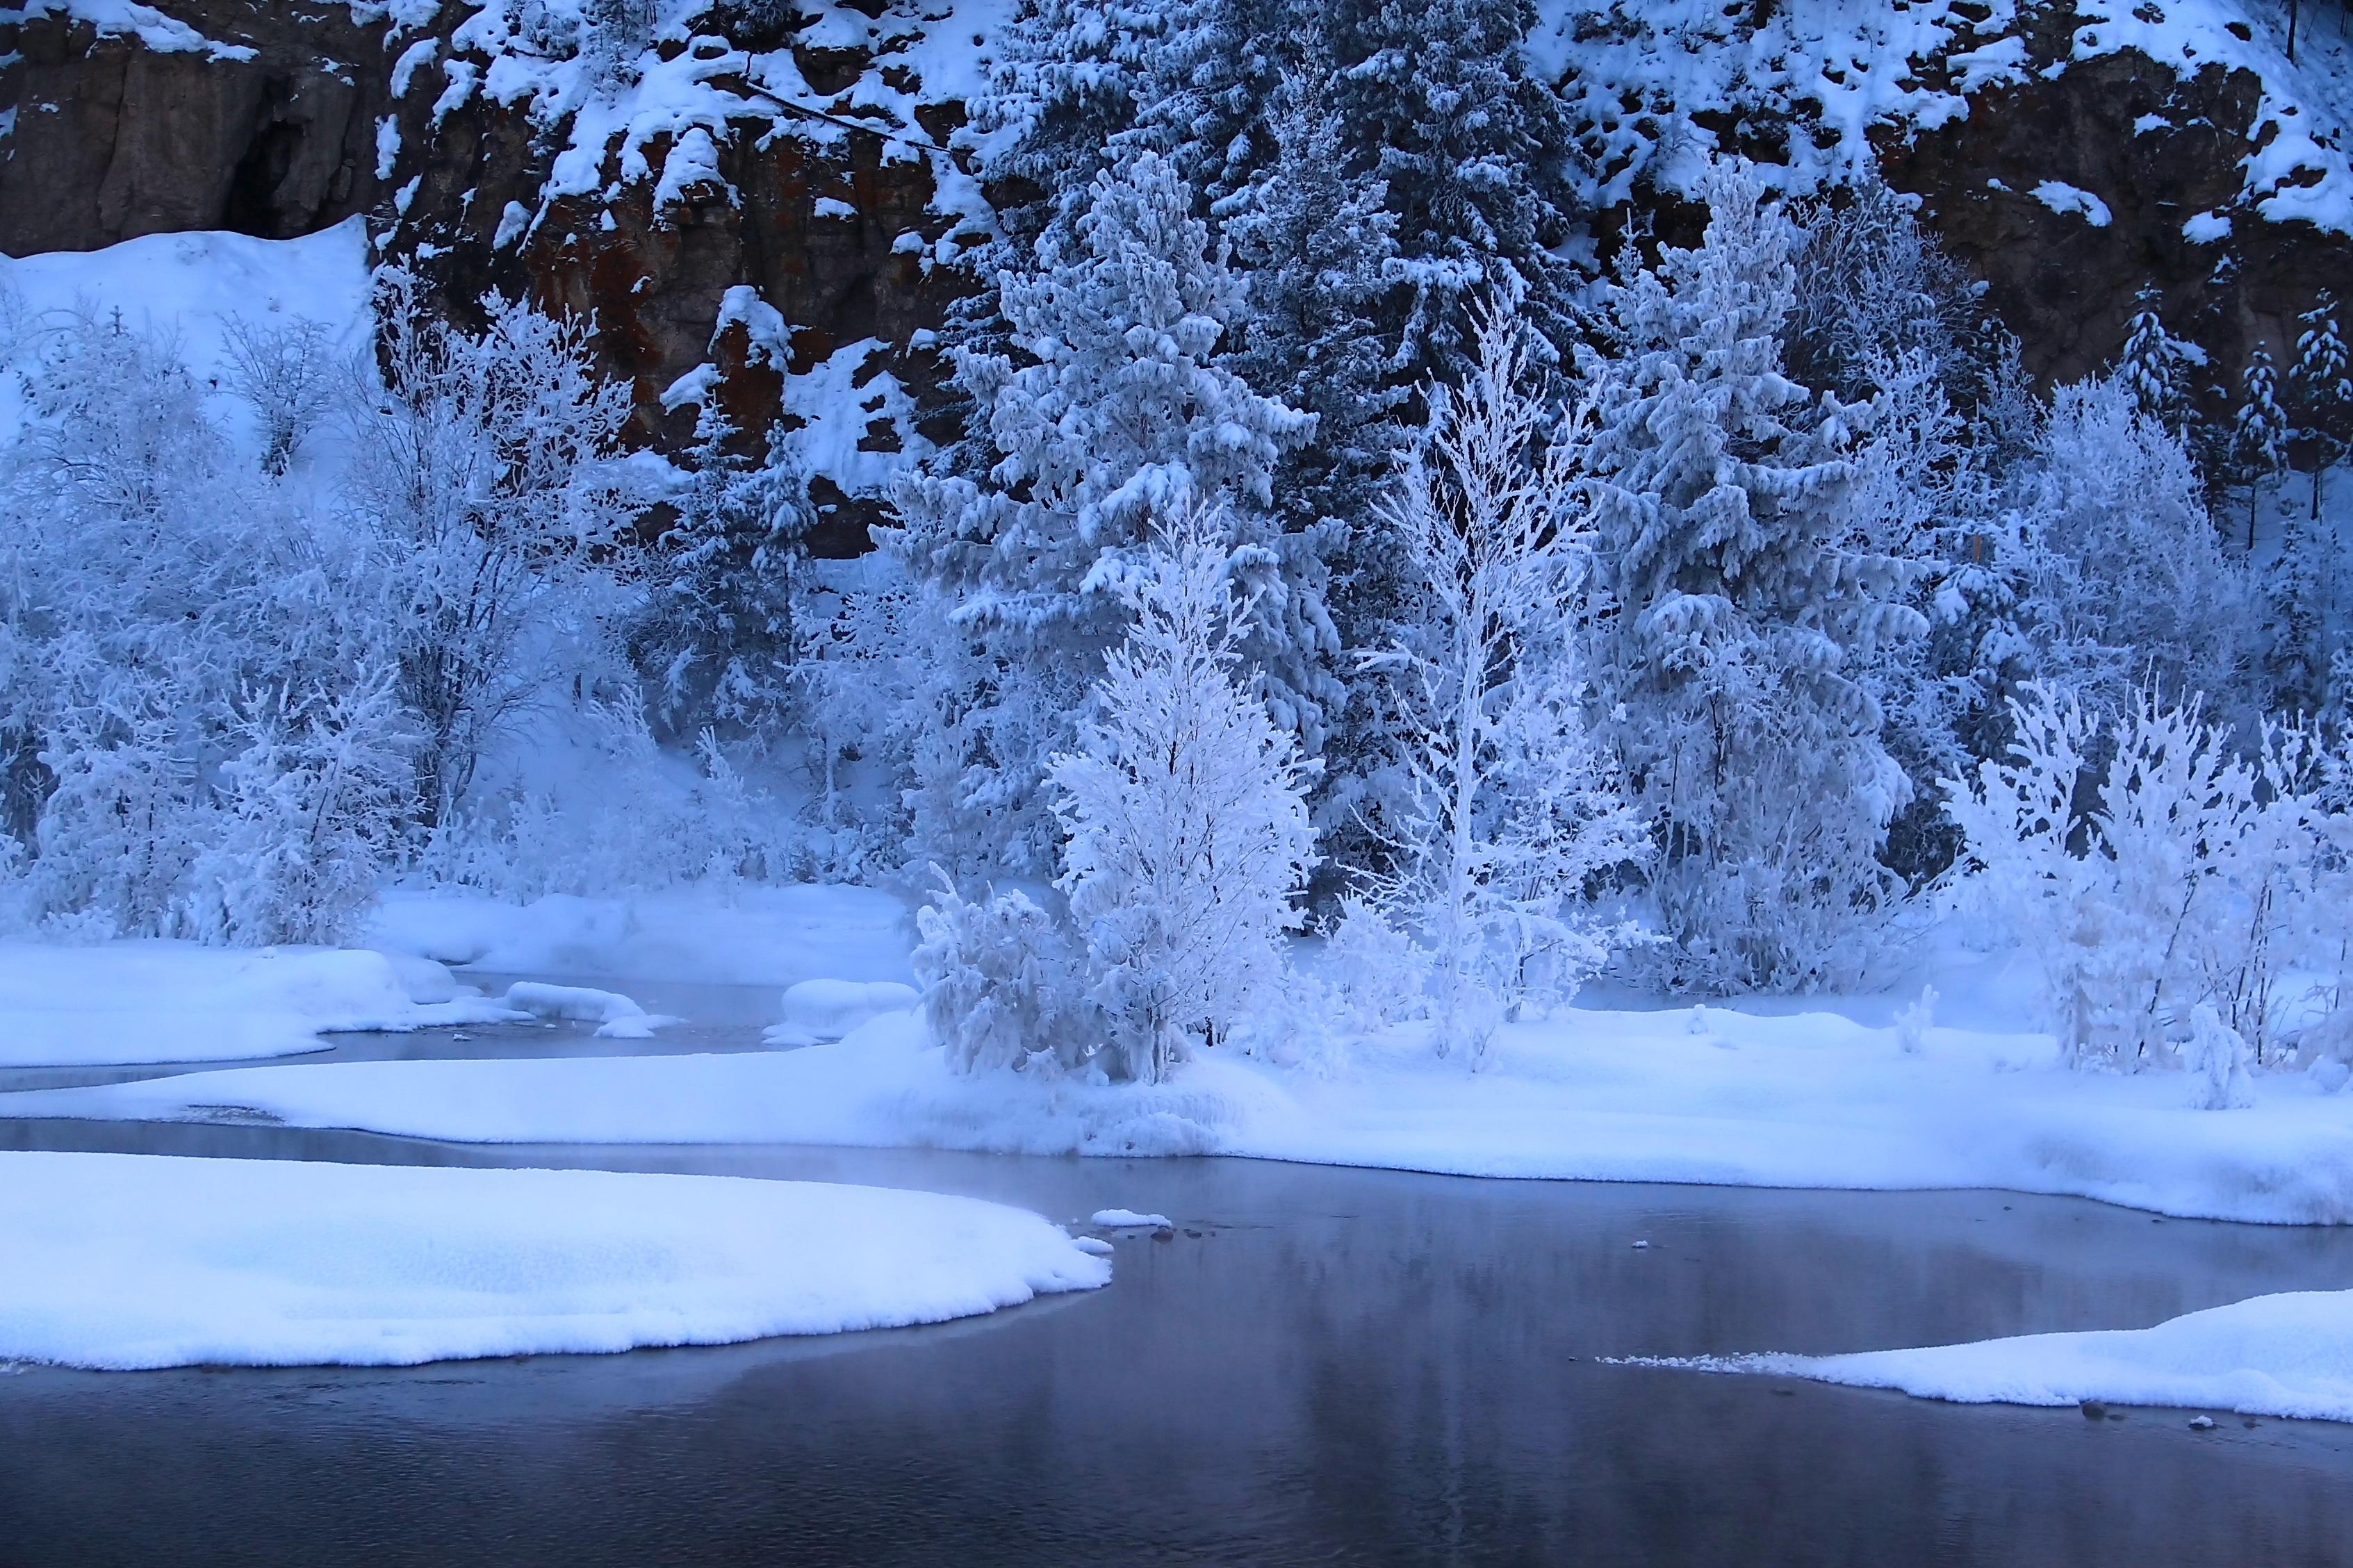 предложения гифки про зиму красивые артистка россии отмечает